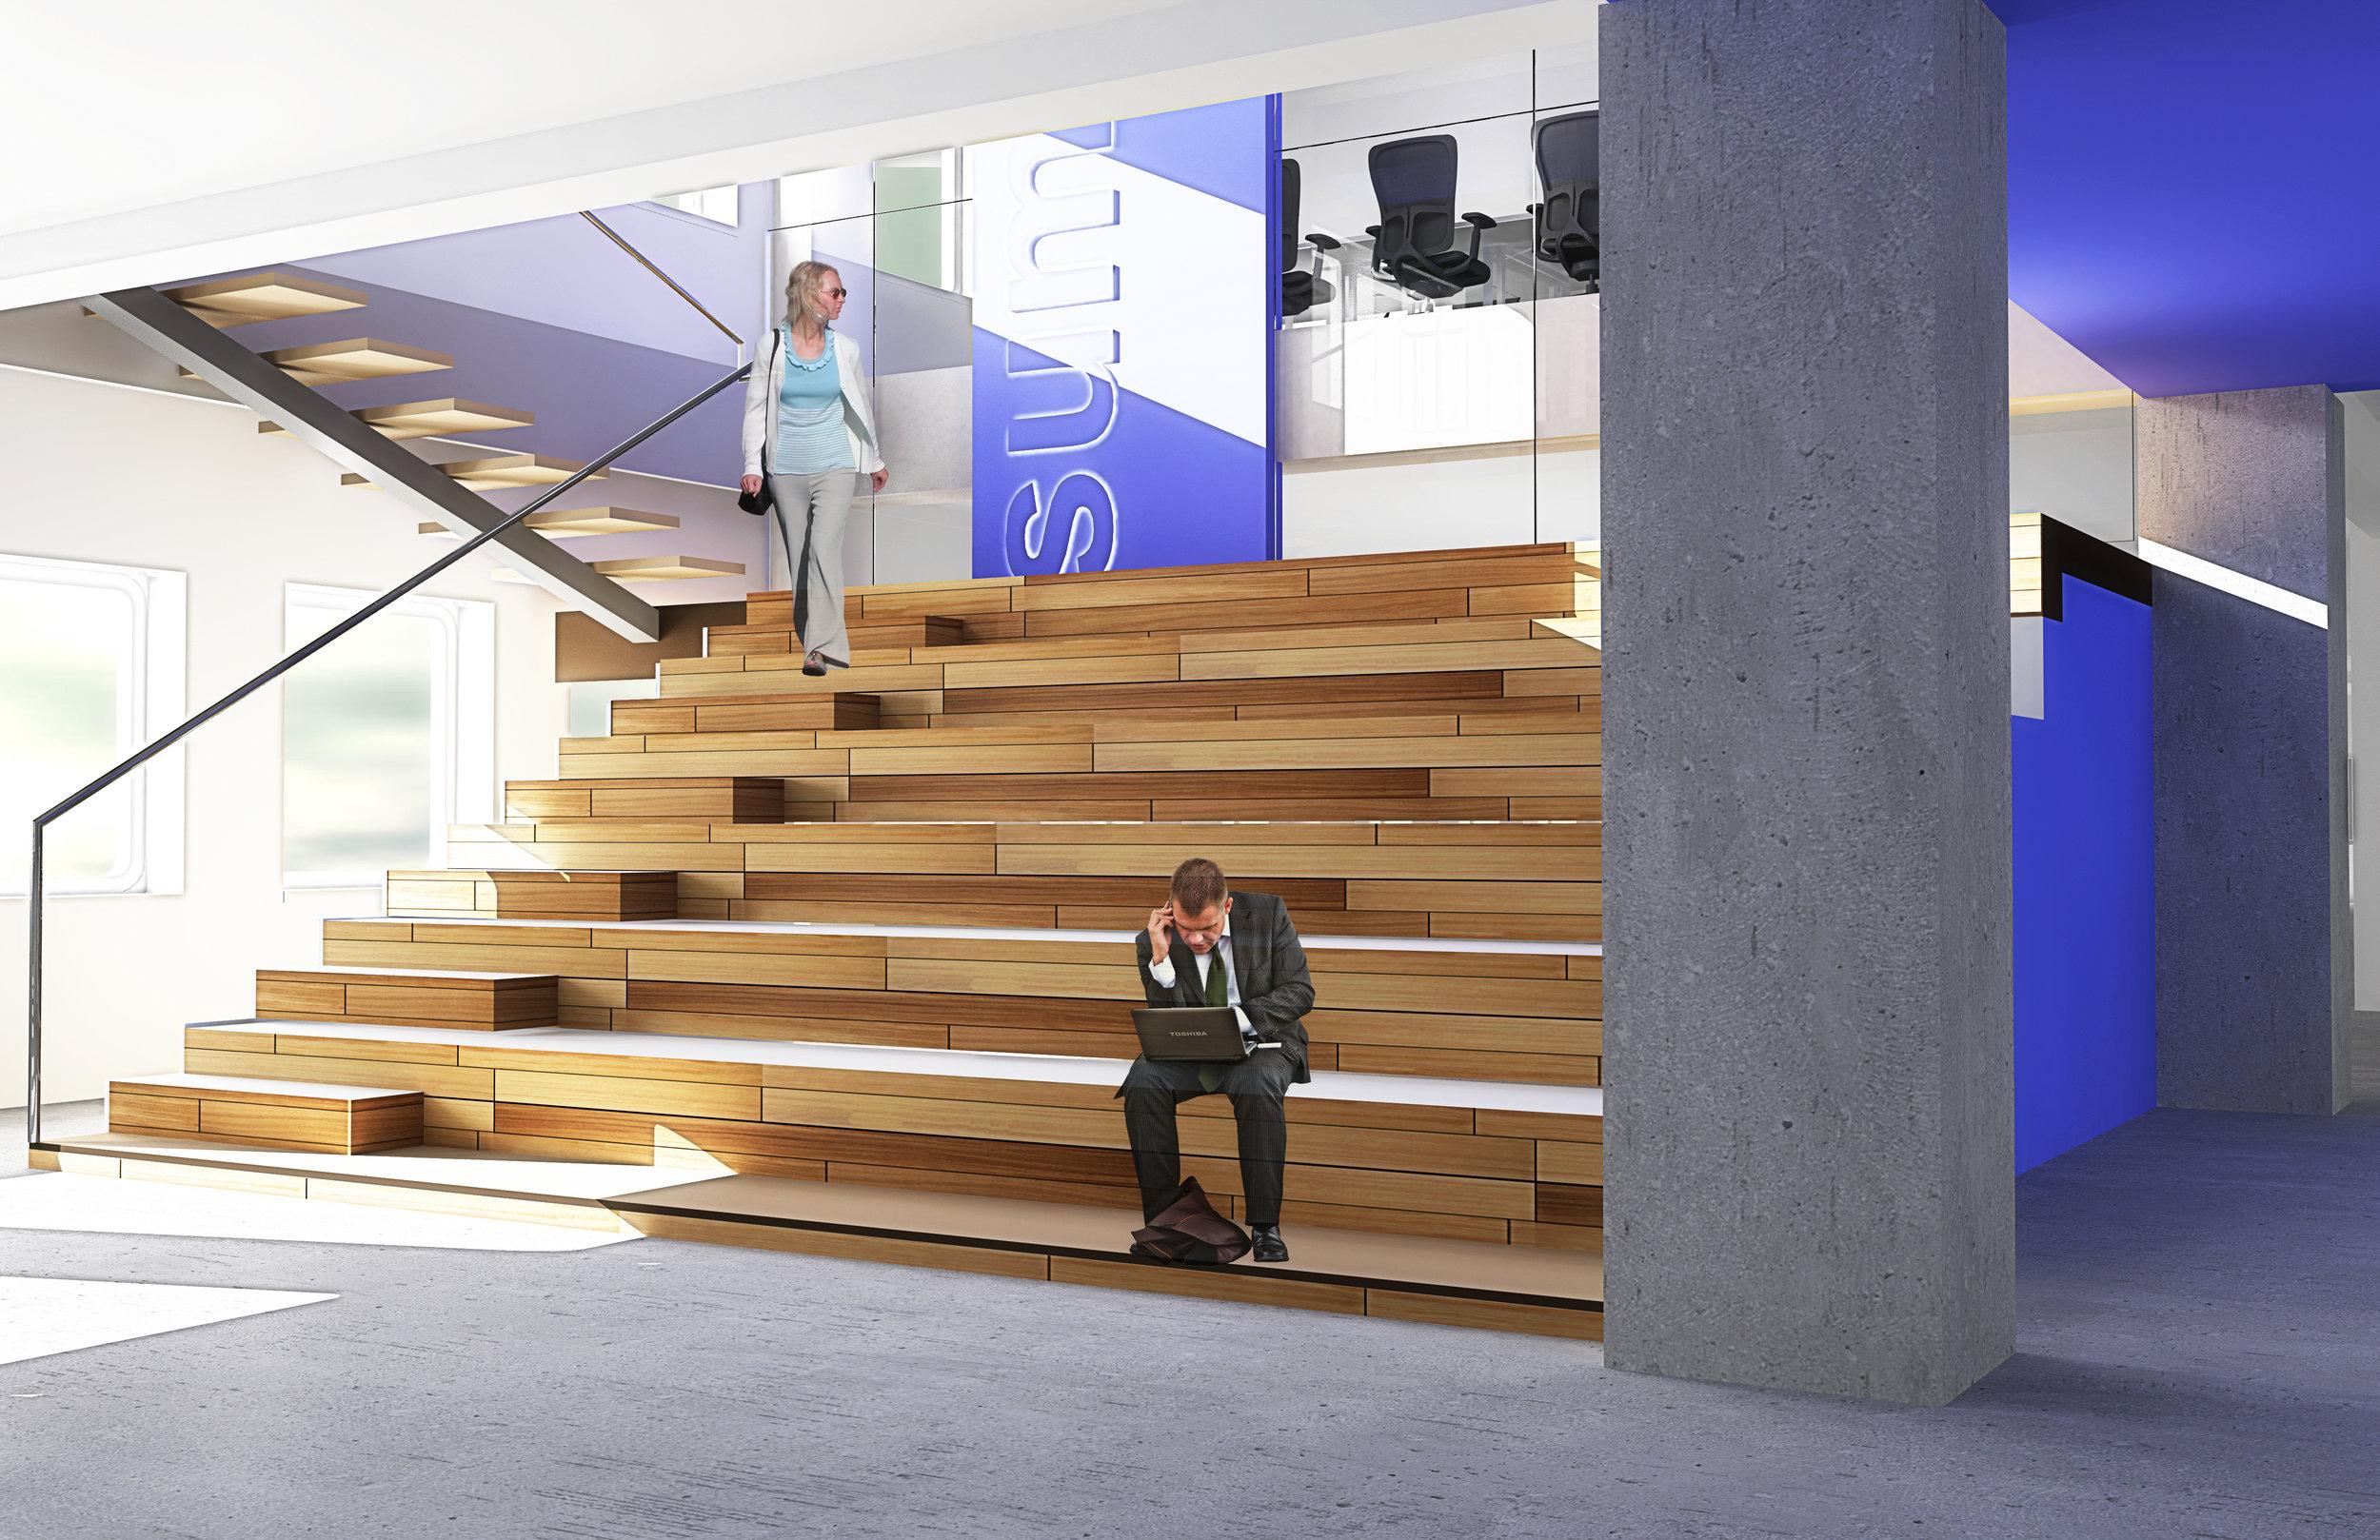 001_Stair_Blue.jpg